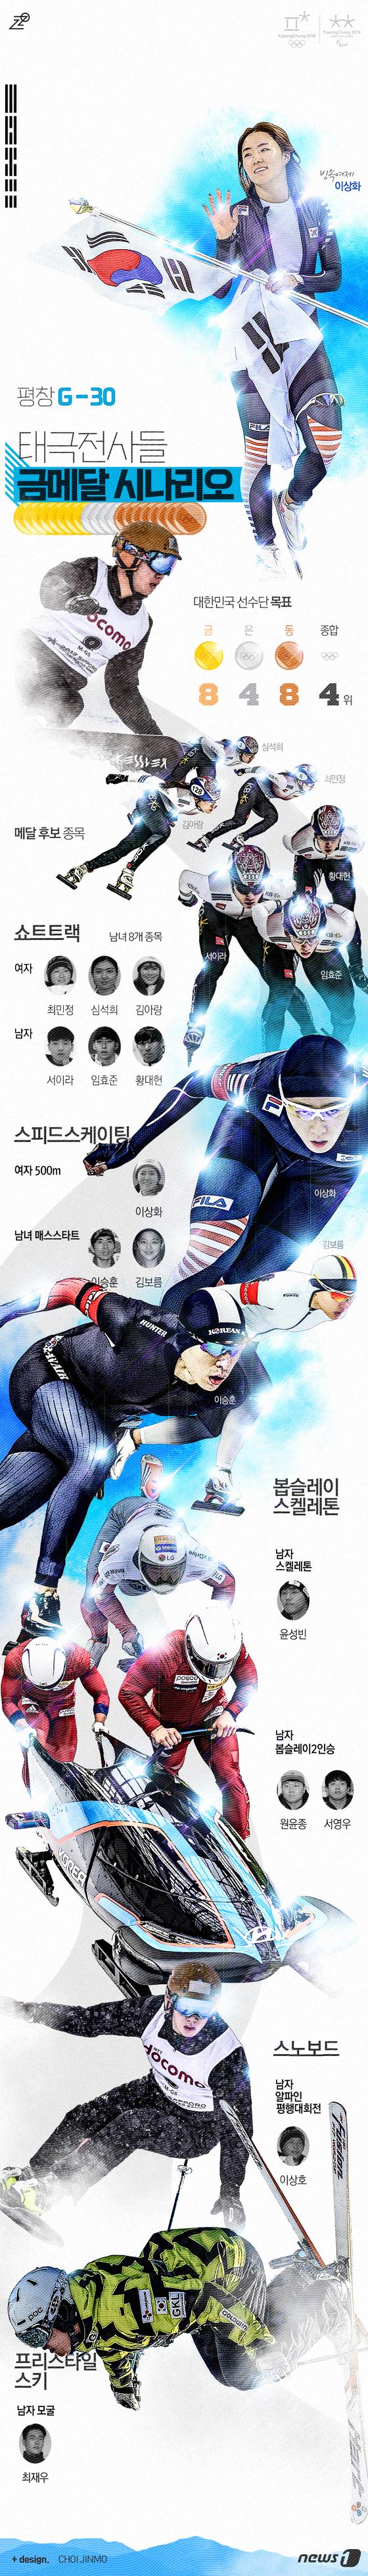 [그래픽뉴스]평창올림픽, 태극전사 금빛 시나리오